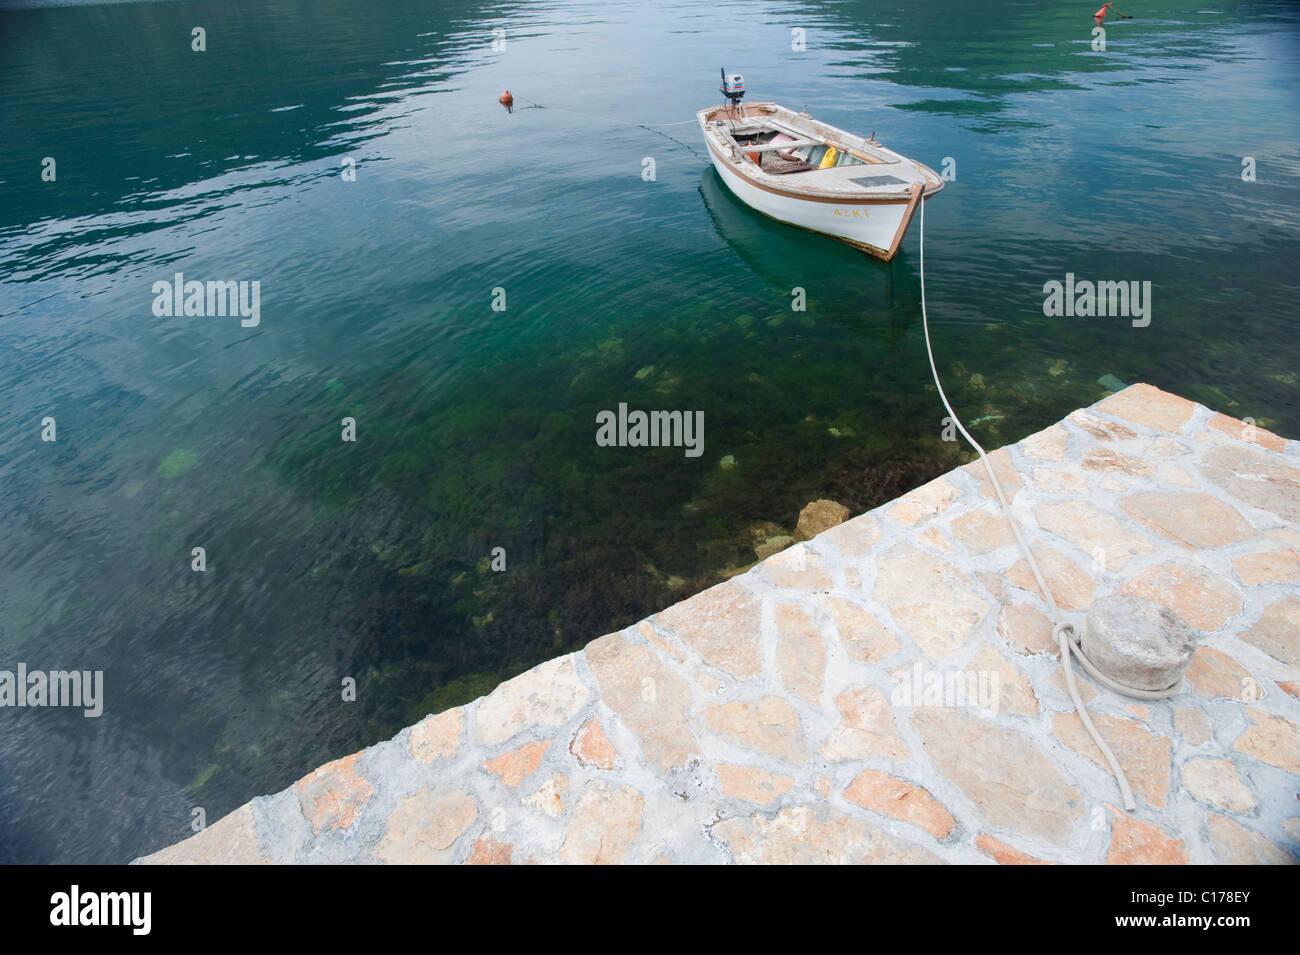 Petit bateau amarré à quai Photo Stock